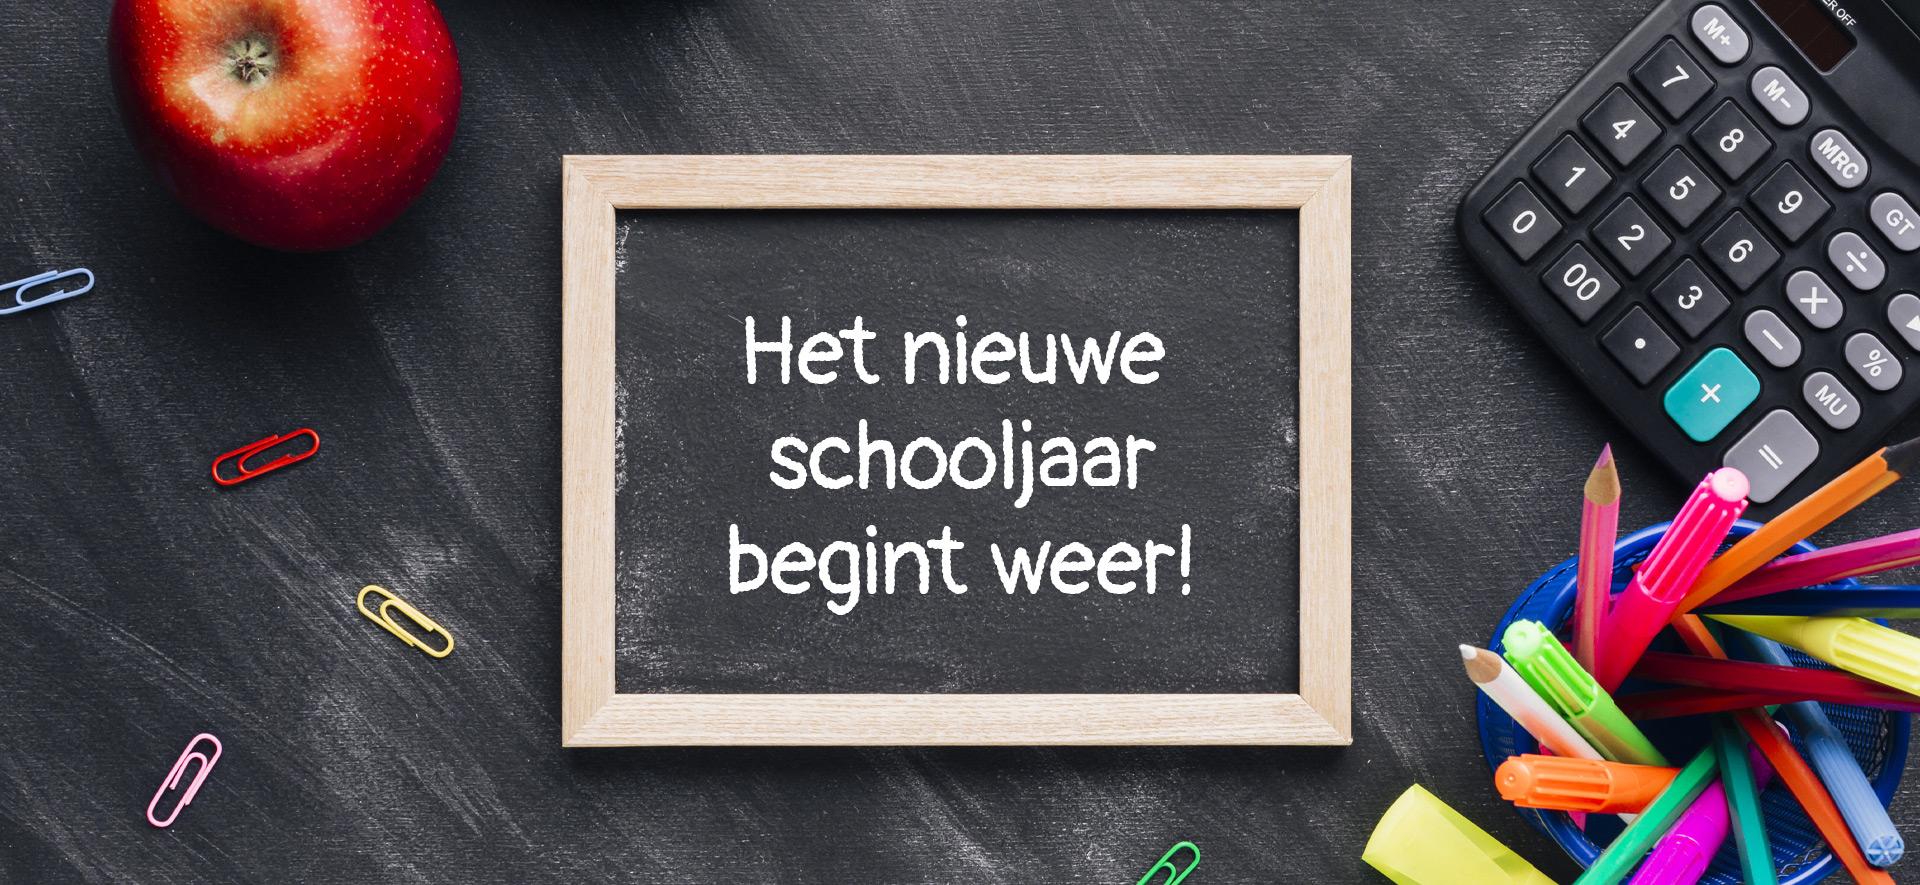 https://www.ubboemmius.nl/wp-content/uploads/2020/07/20200316_ubboemmius_online_website_header_1920x885px.jpg